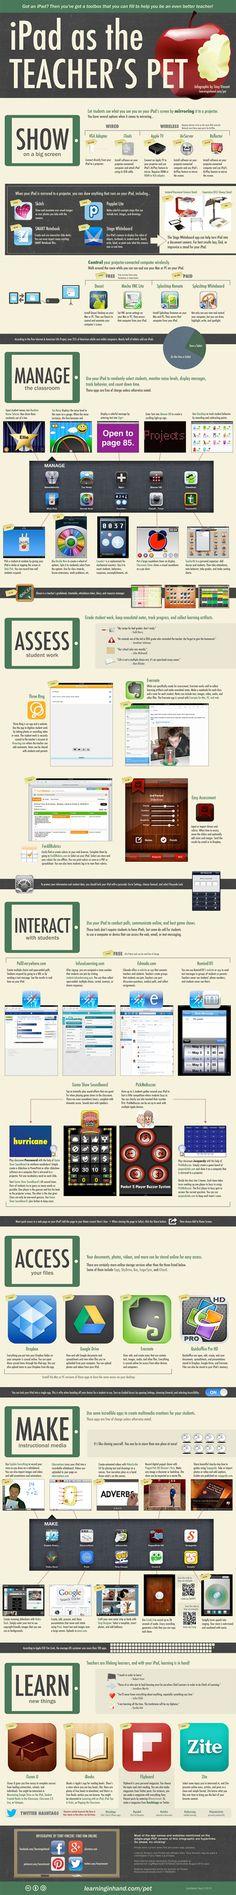 7 manières d'utiliser un iPad à l'école